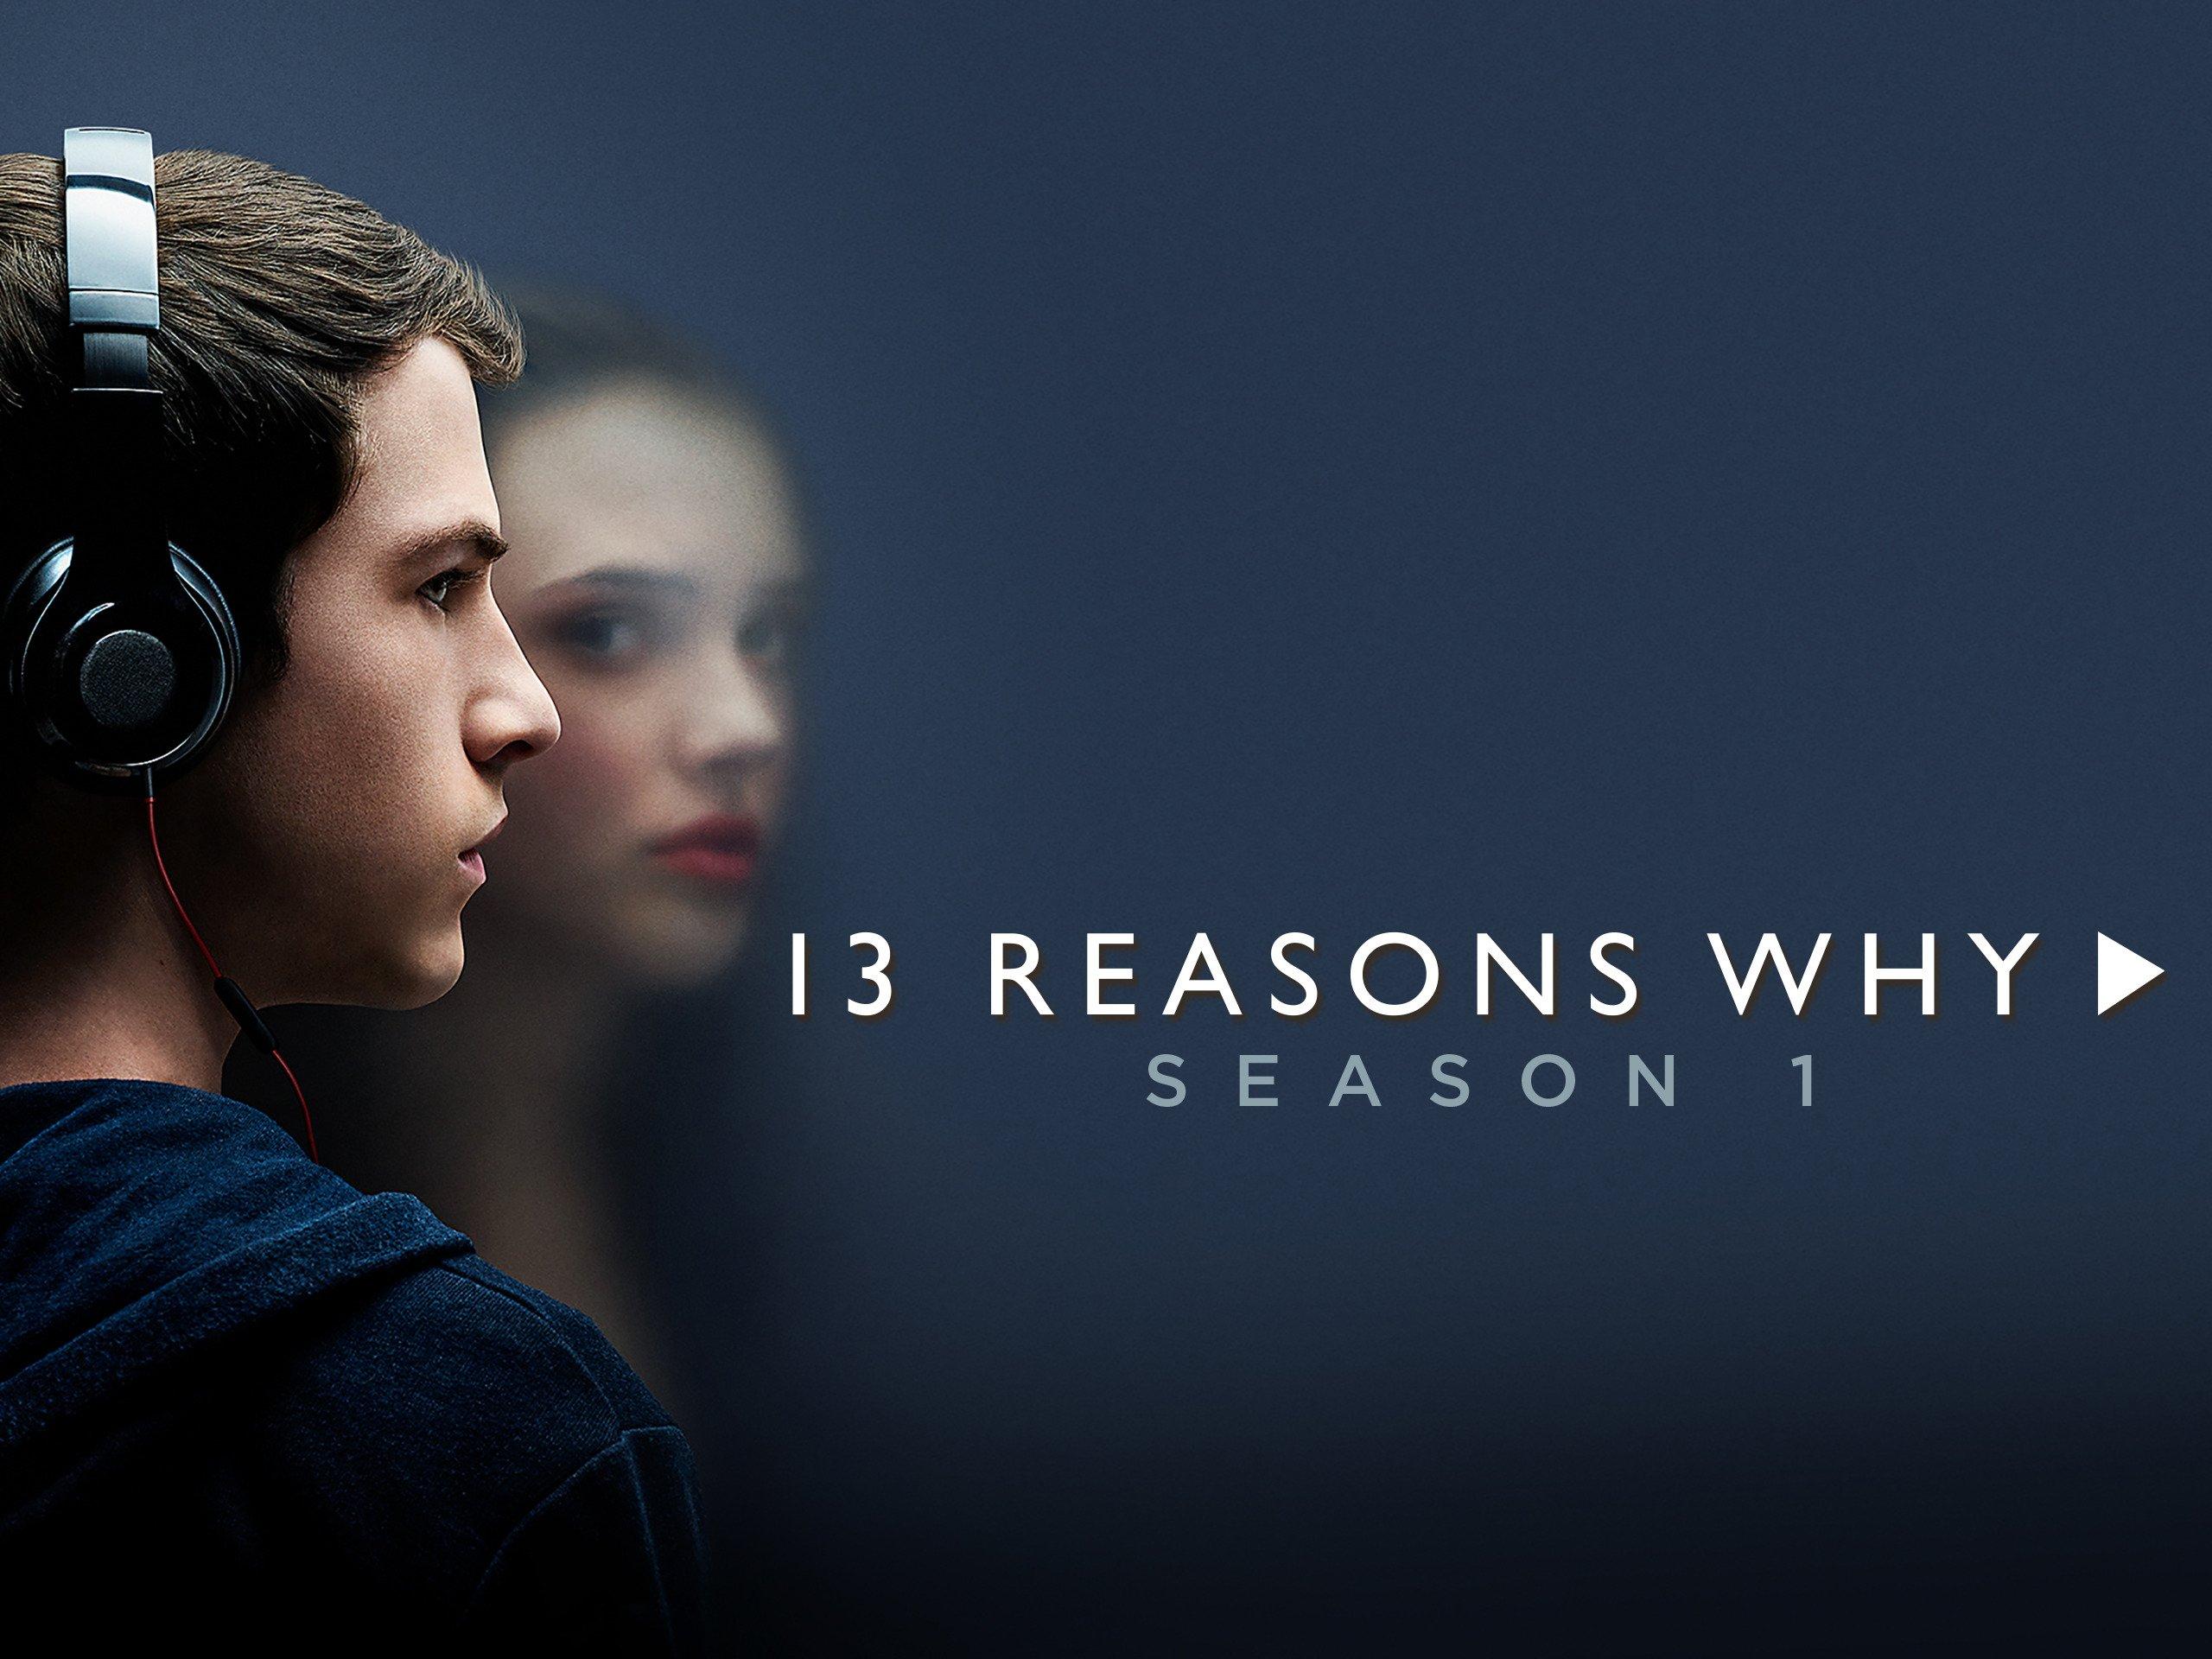 ผลการค้นหารูปภาพสำหรับ 13 reasons why season 1